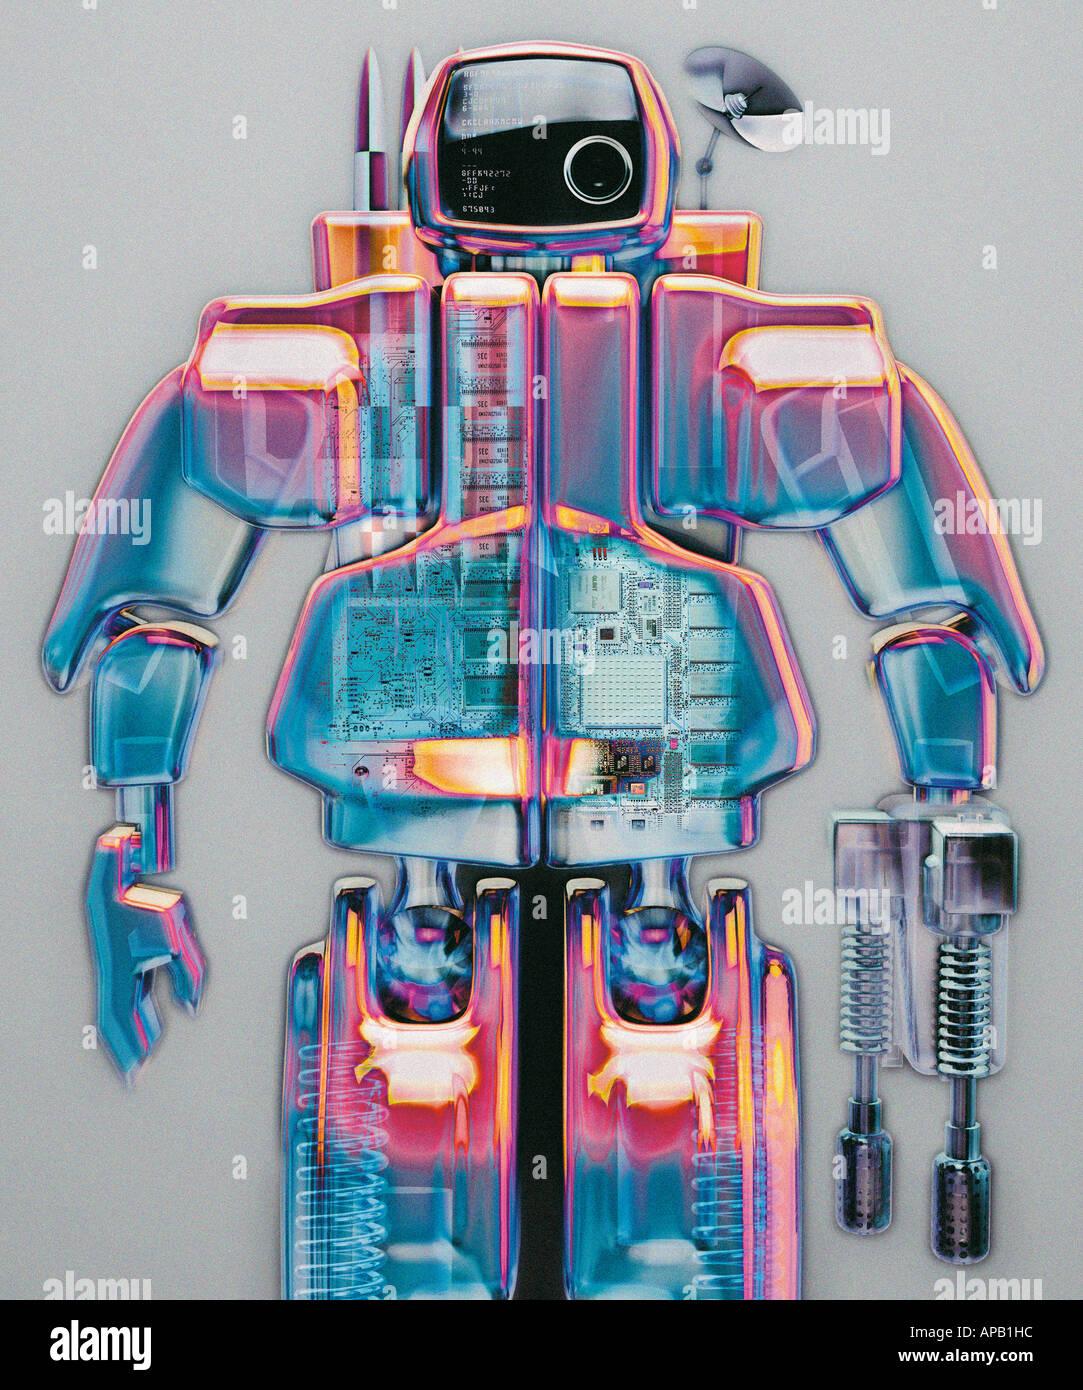 Imagen generada por ordenador de un robot rosa y azul Imagen De Stock